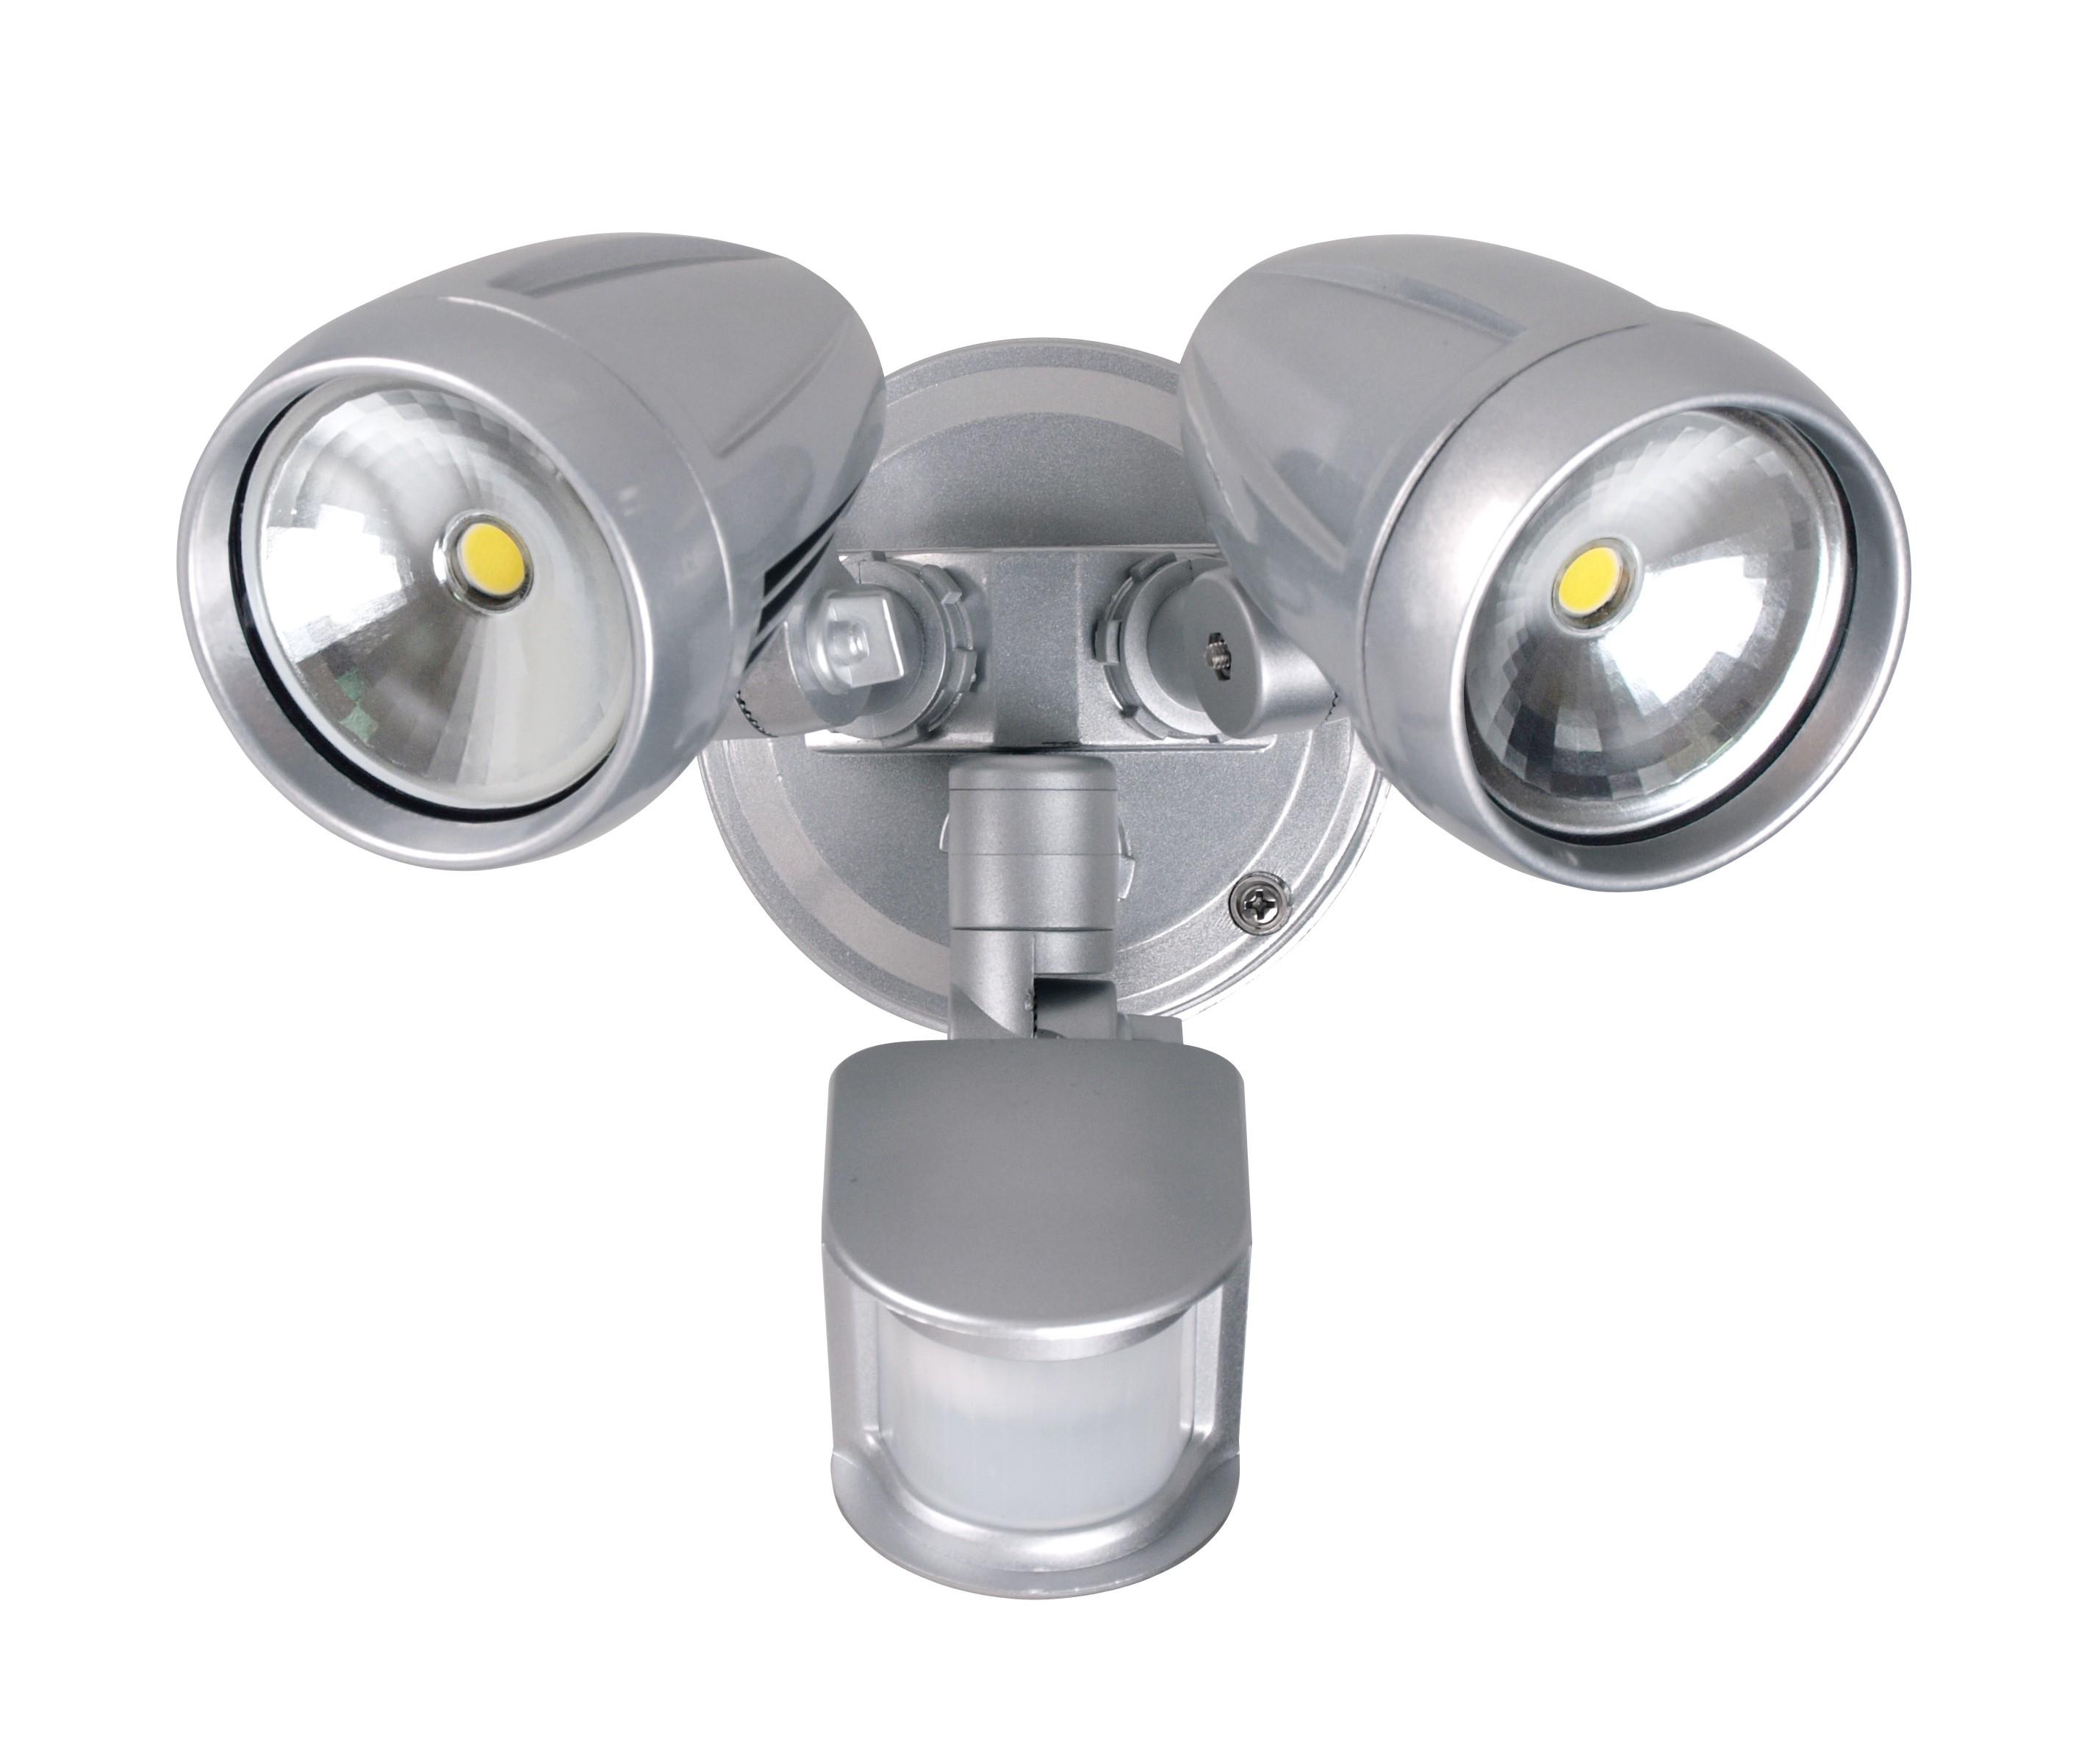 pick up 7efa2 d7381 Twin LED Flood Light with Inbuilt Sensor *Brushed Chrome* IP44 Rated